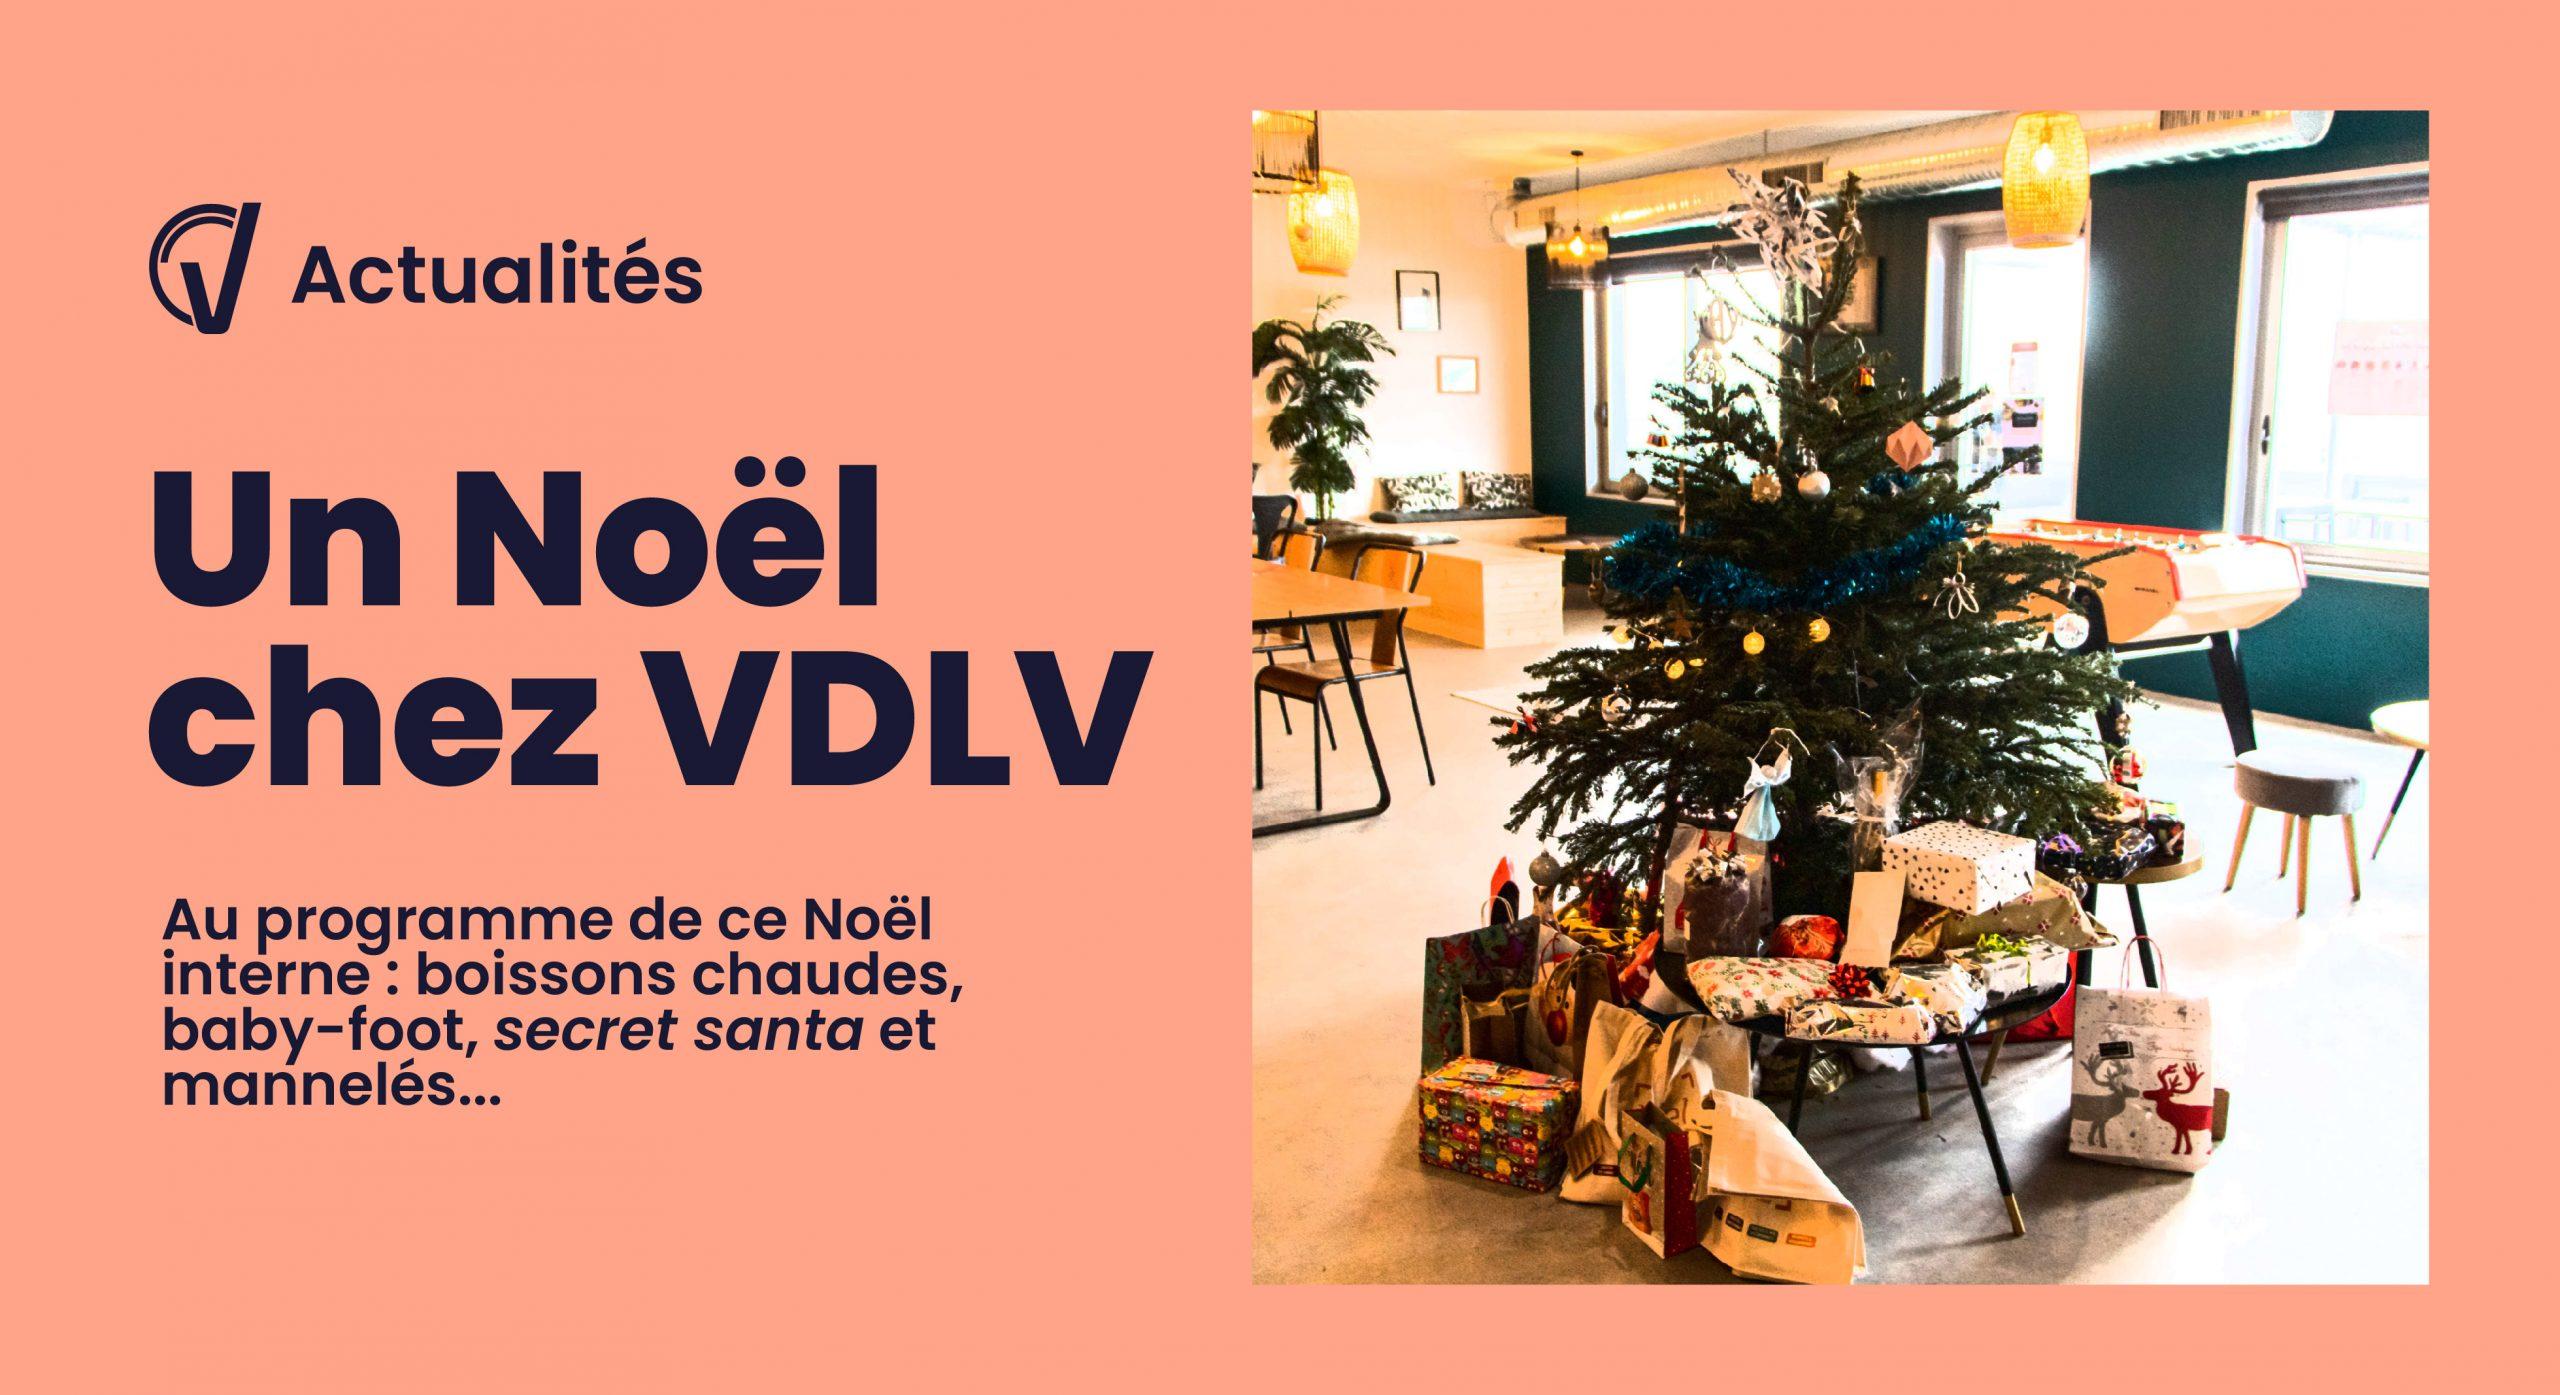 Un Noël chez VDLV